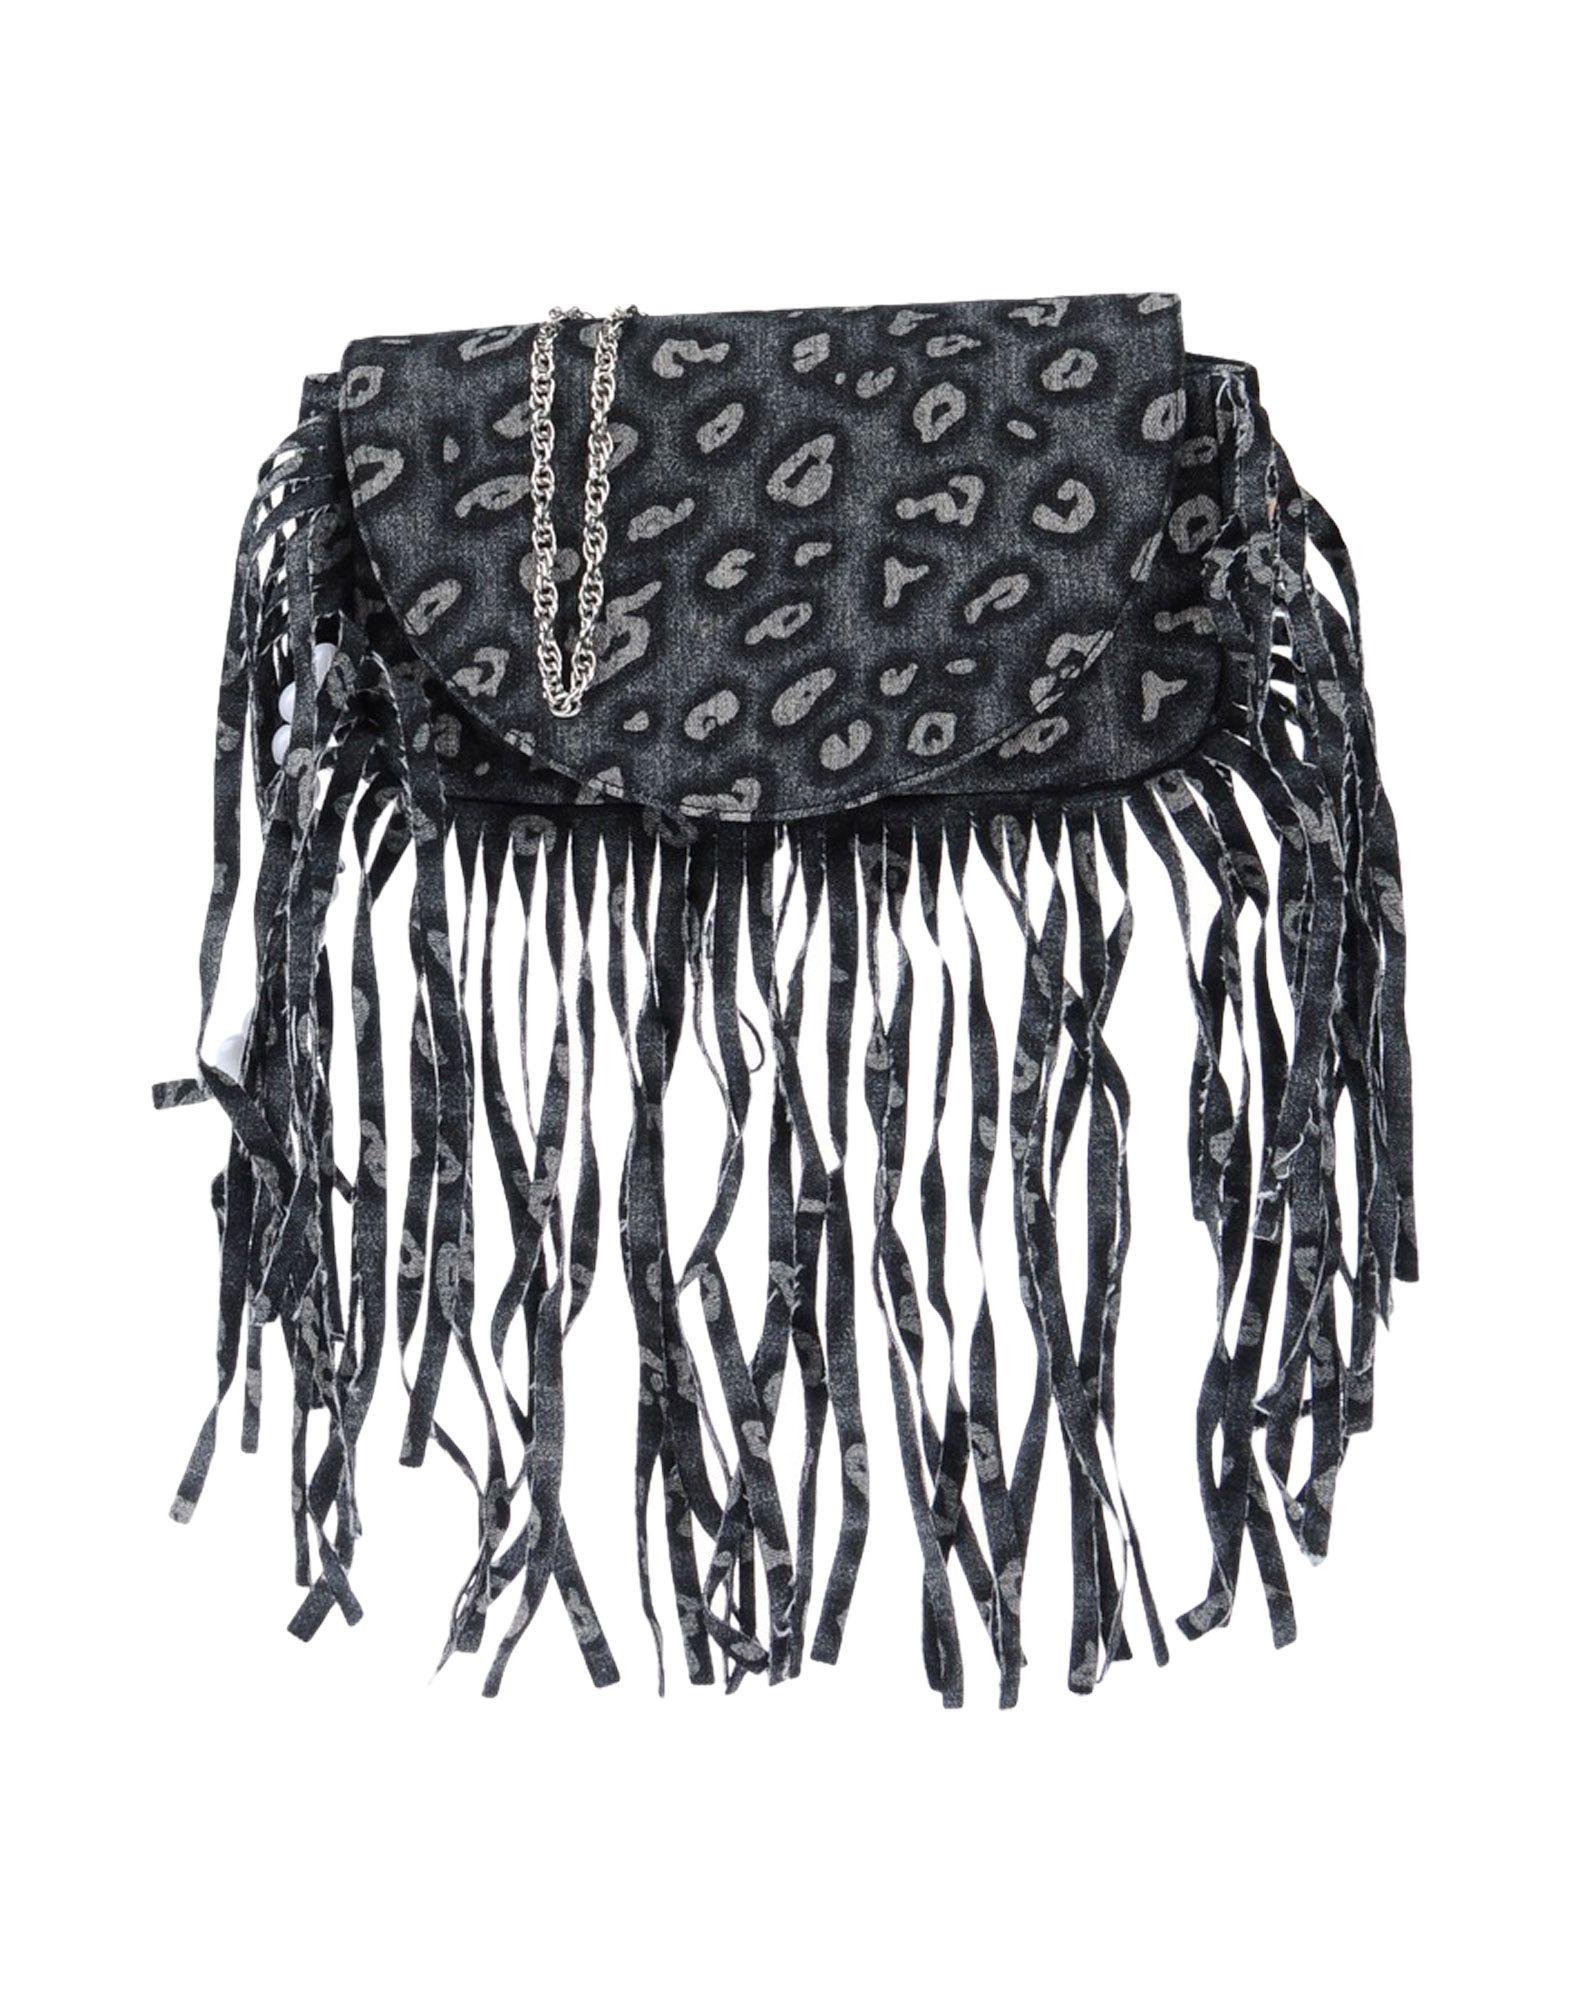 MIA BAG Сумка через плечо сумка через плечо women leather handbag messenger bags 2014 new shoulder bag ls5520 women leather handbag messenger bags 2015 new shoulder bag